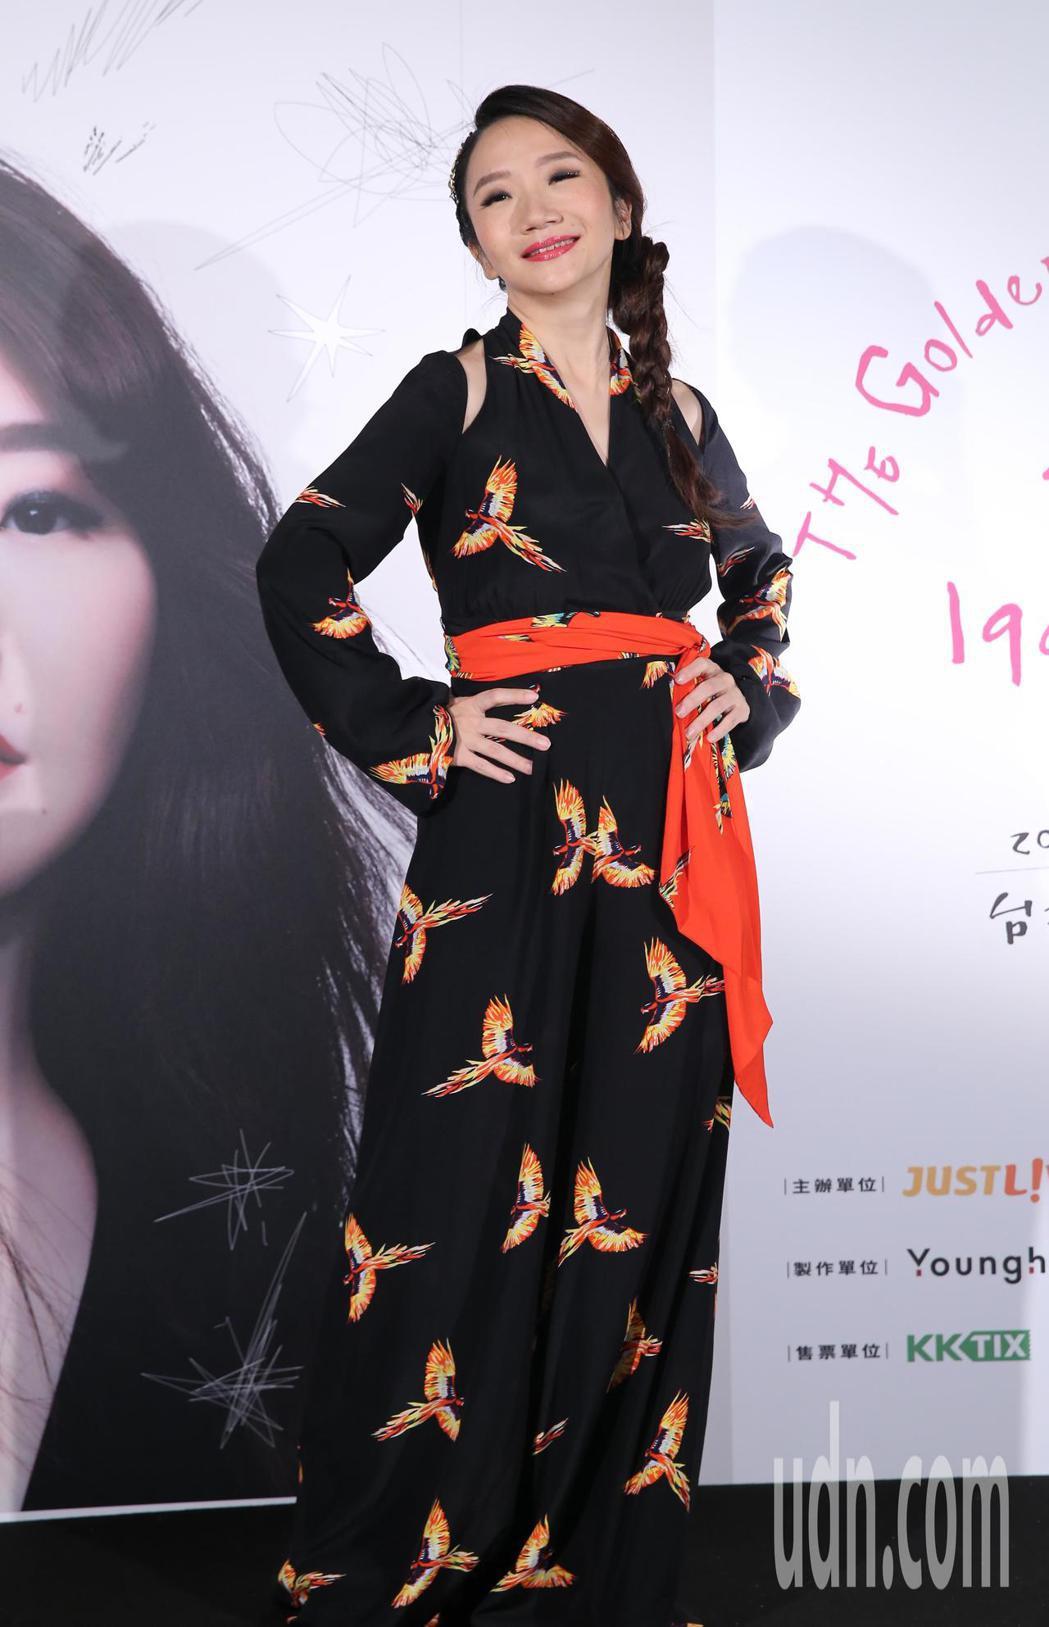 陶晶瑩的1999年演唱會順利結束,她現身媒體記者鏡頭前,暢談整個籌備過程。記者許...